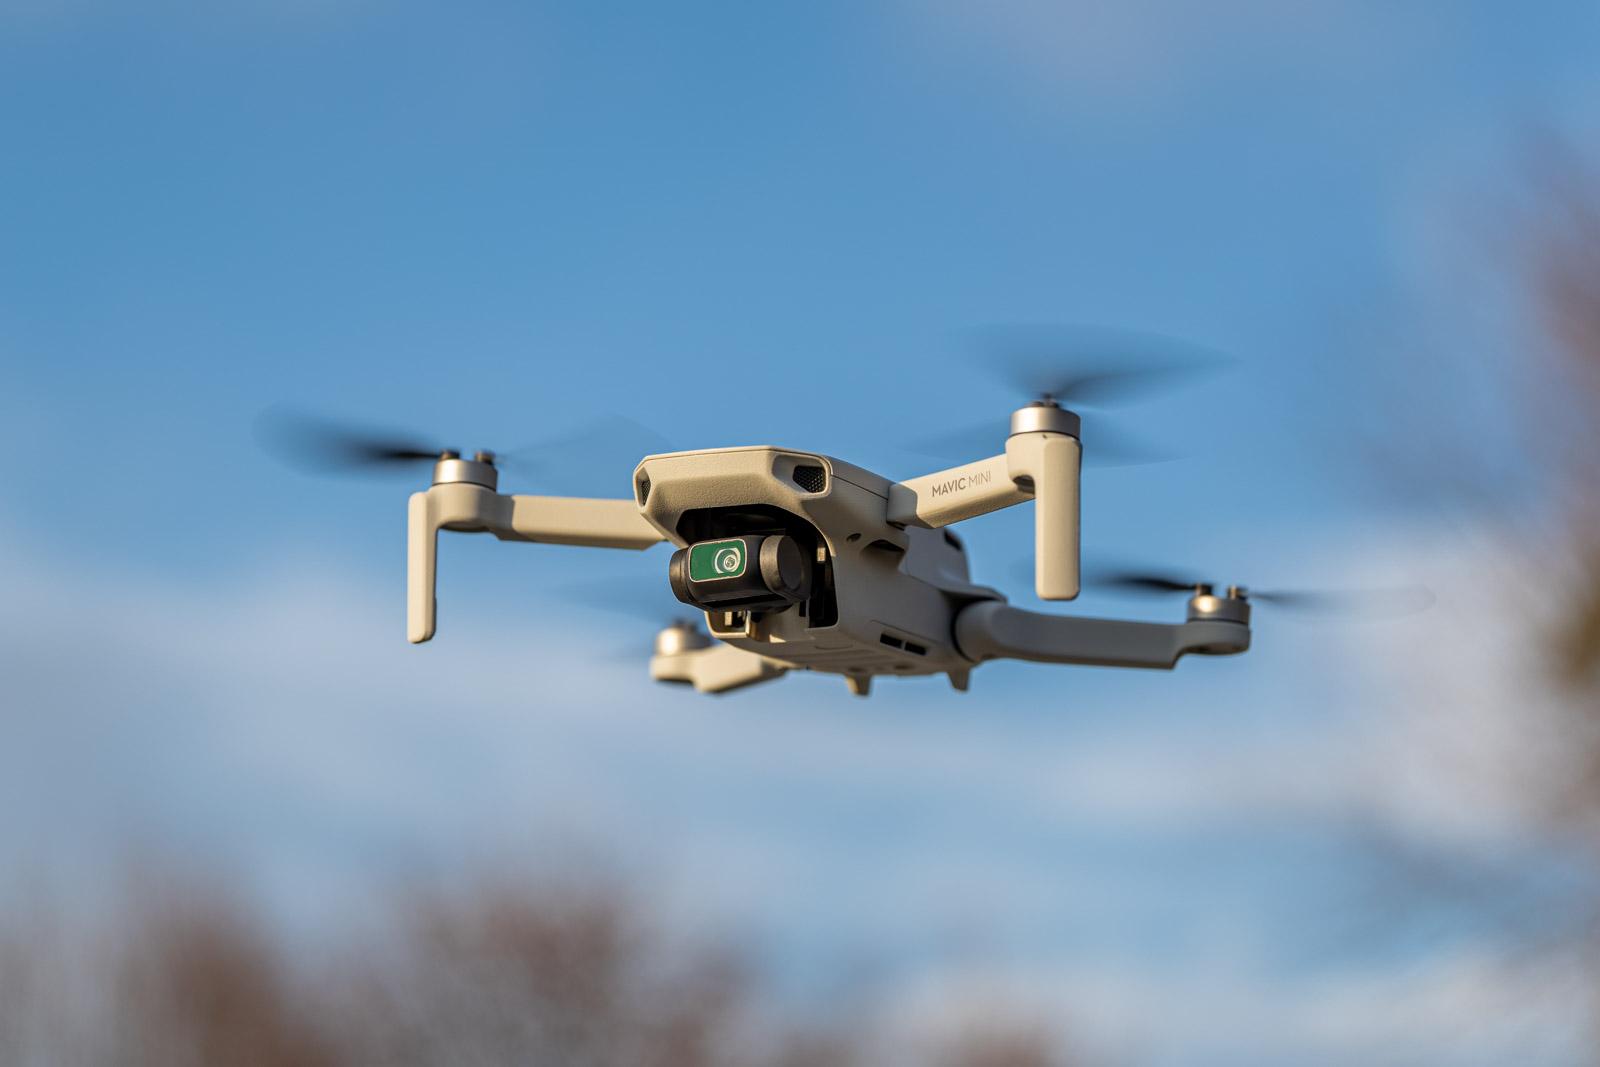 Txisteak amaitu dira.  20 mila  dolarreko zigorra dronearen kontrola galtzeagatik